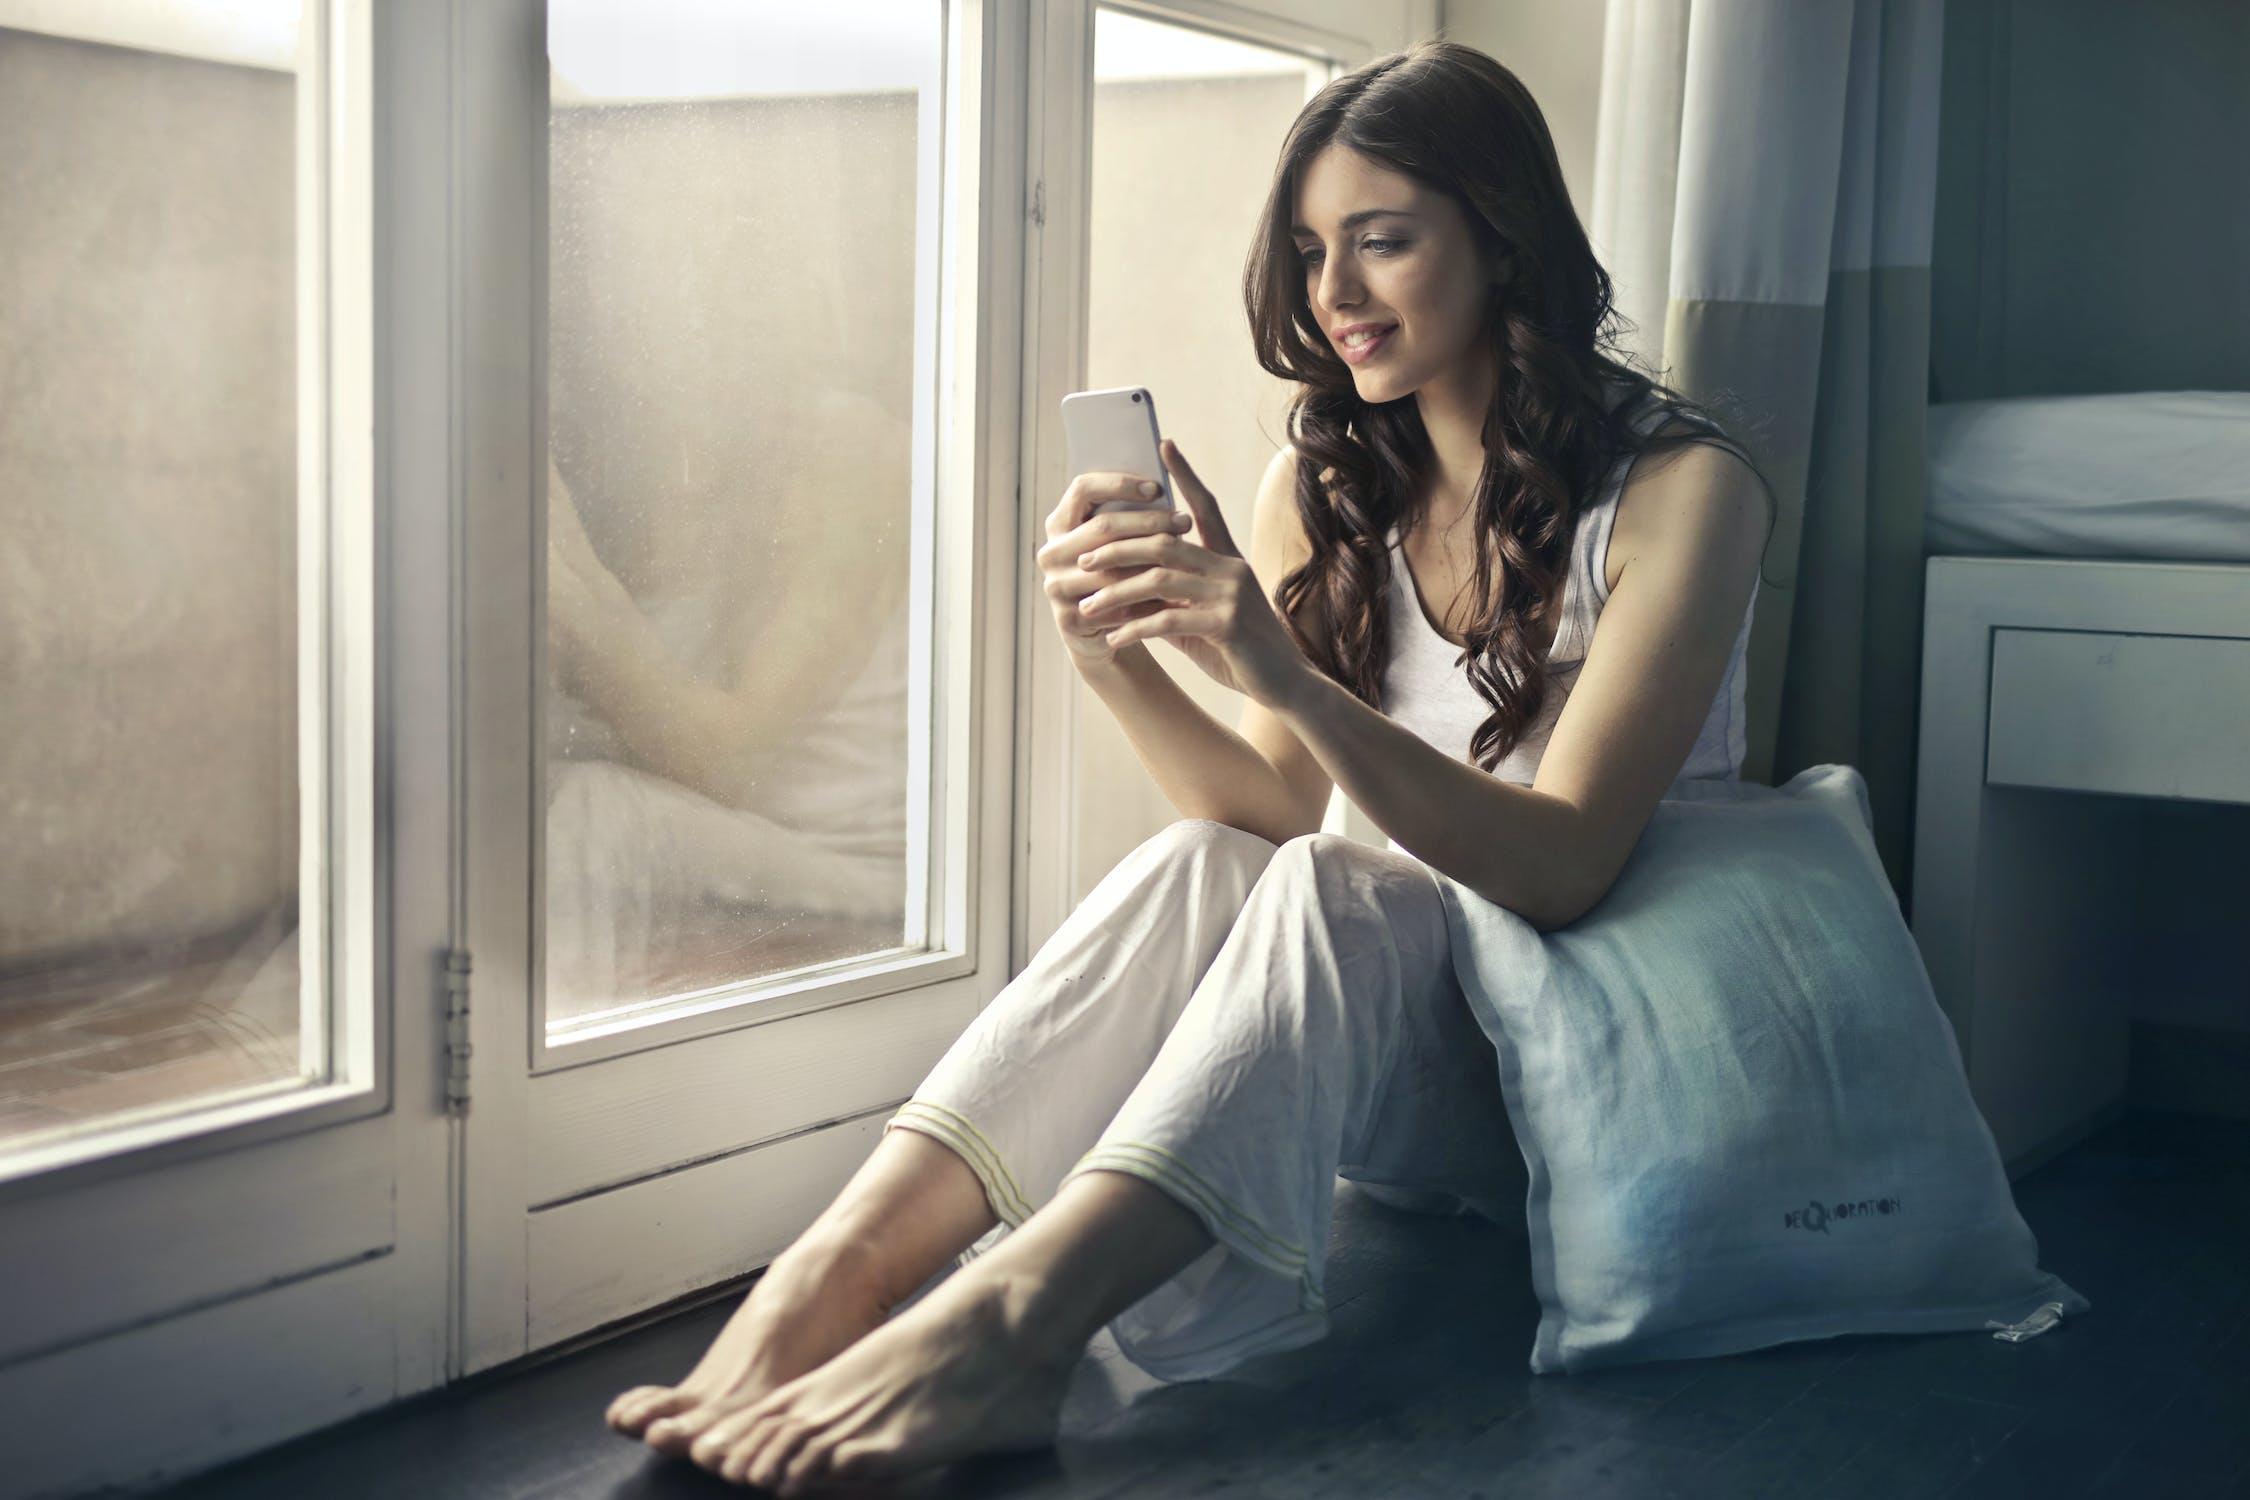 So ersetzen Sie den defekten Samsung Galaxy S3 Bildschirm